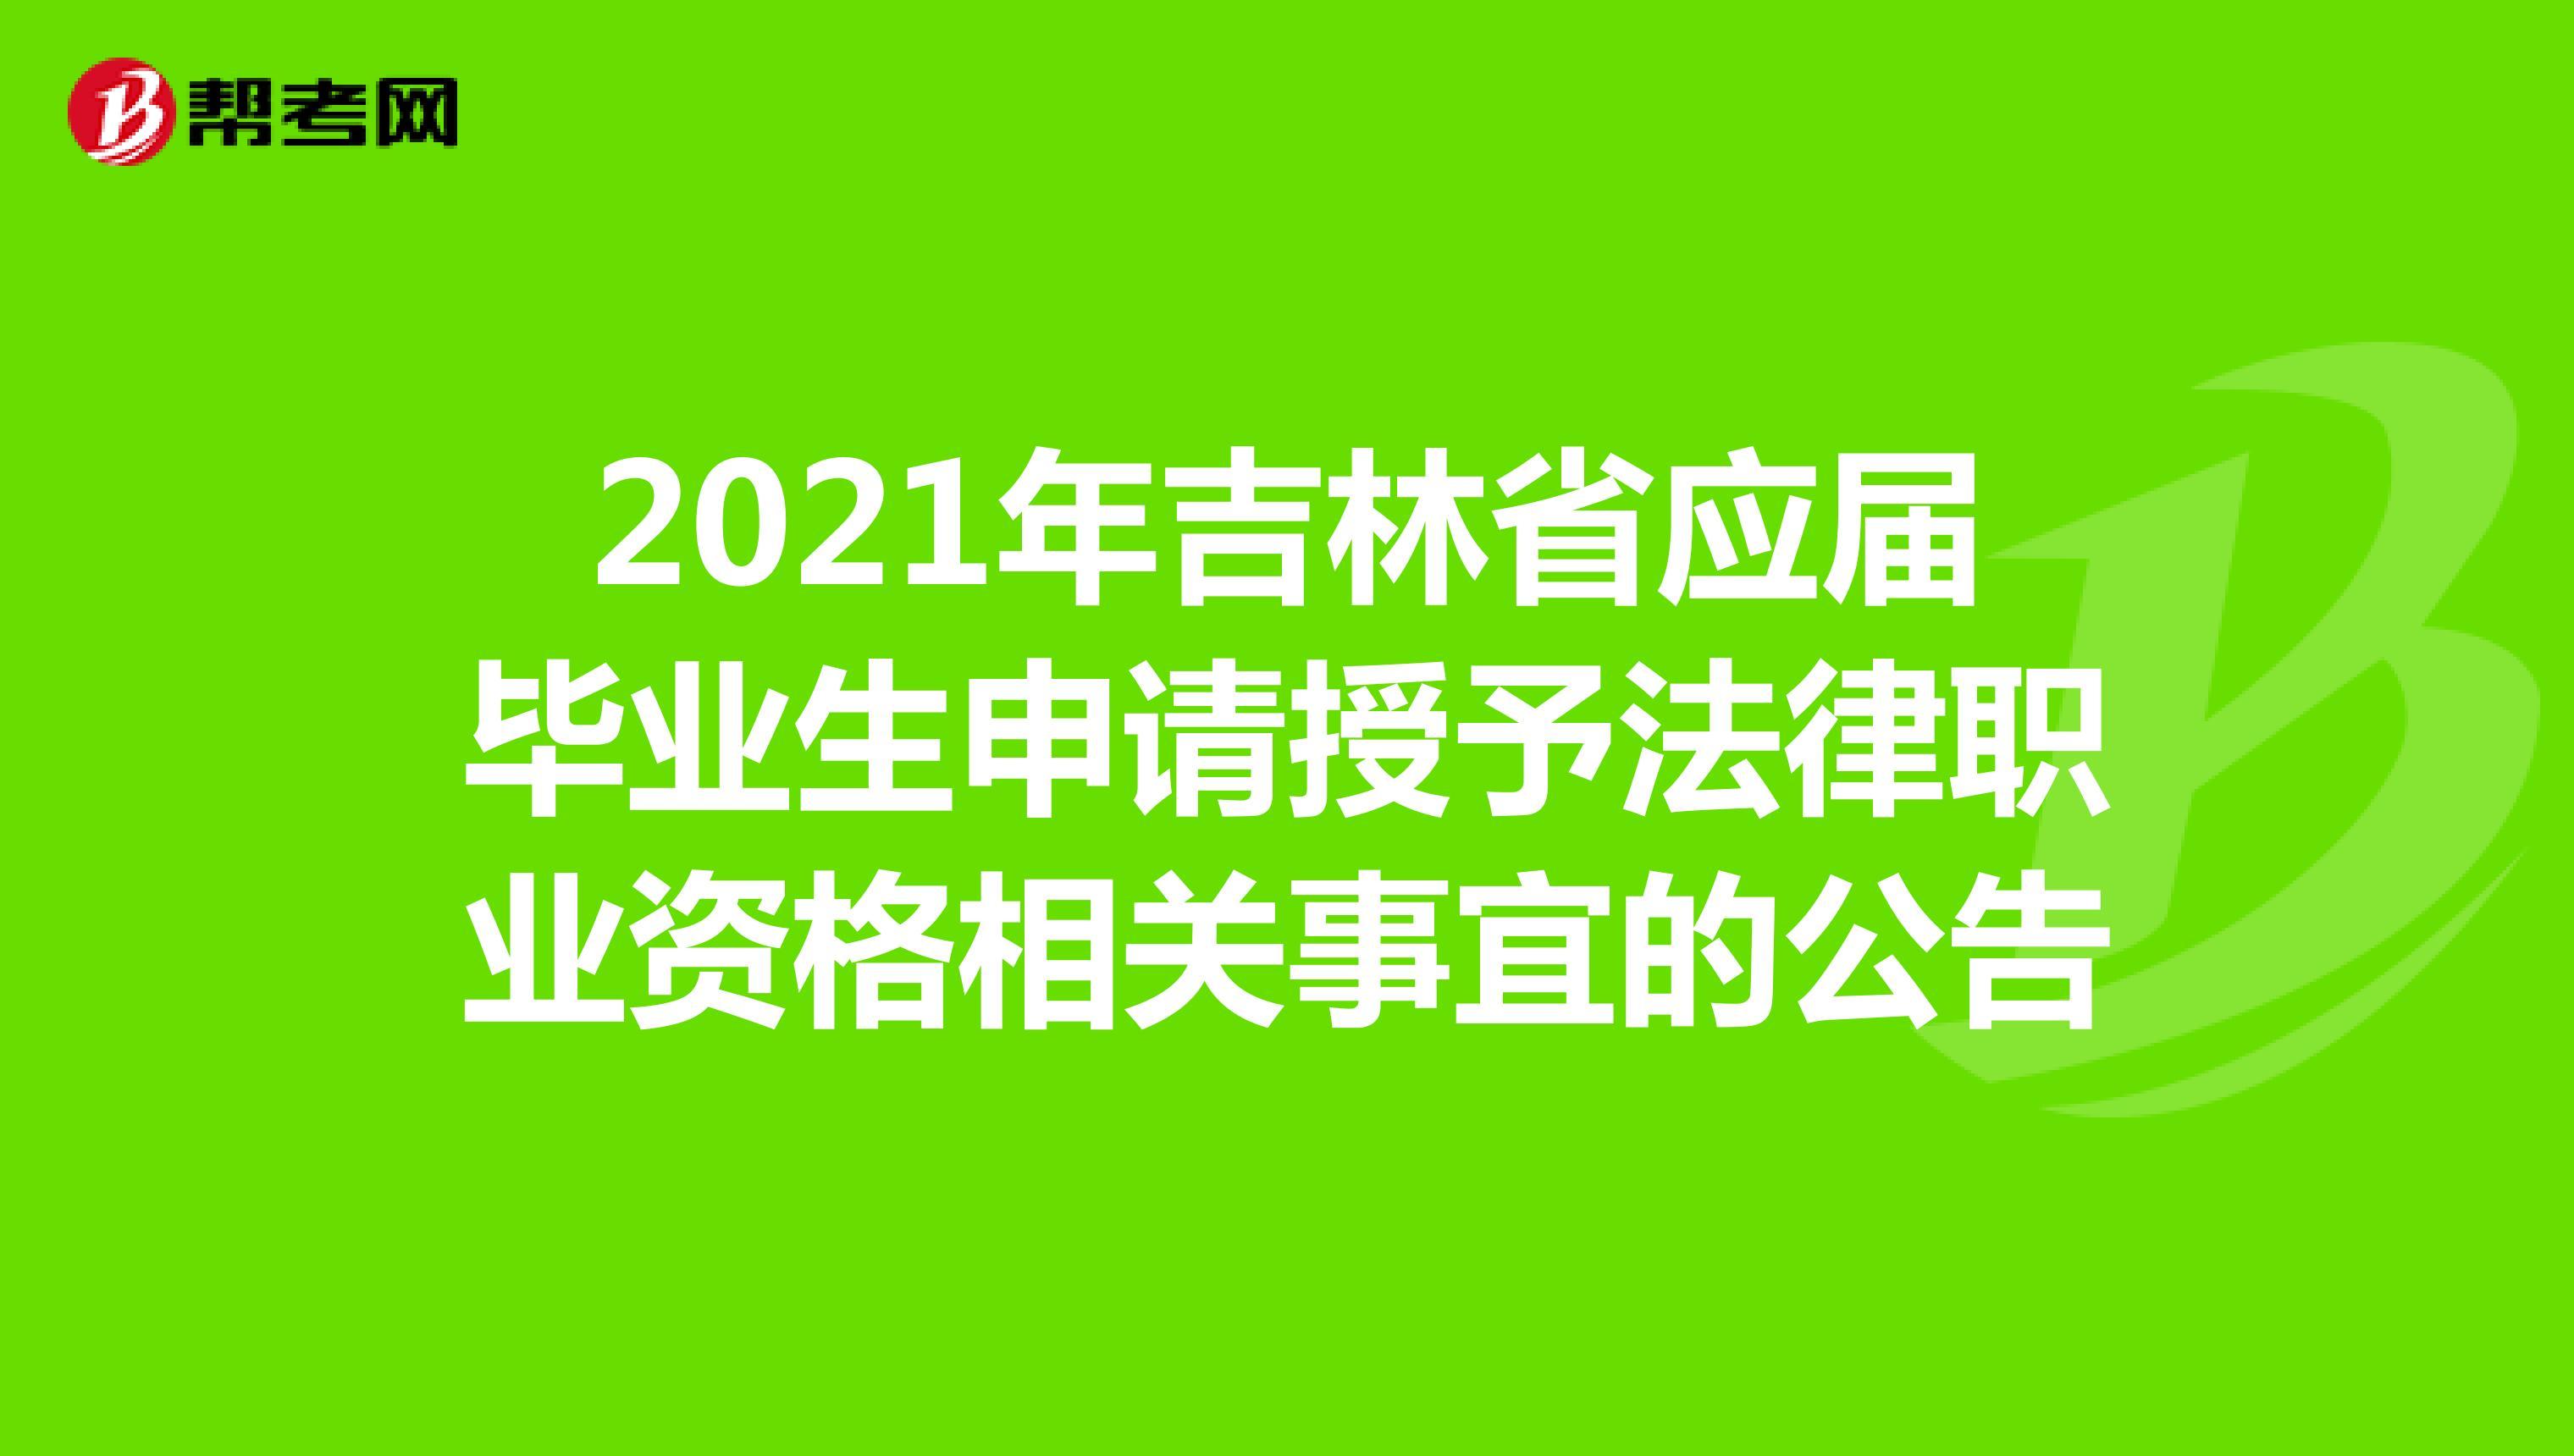 2021年吉林省应届毕业生申请授予法律职业资格相关事宜的公告